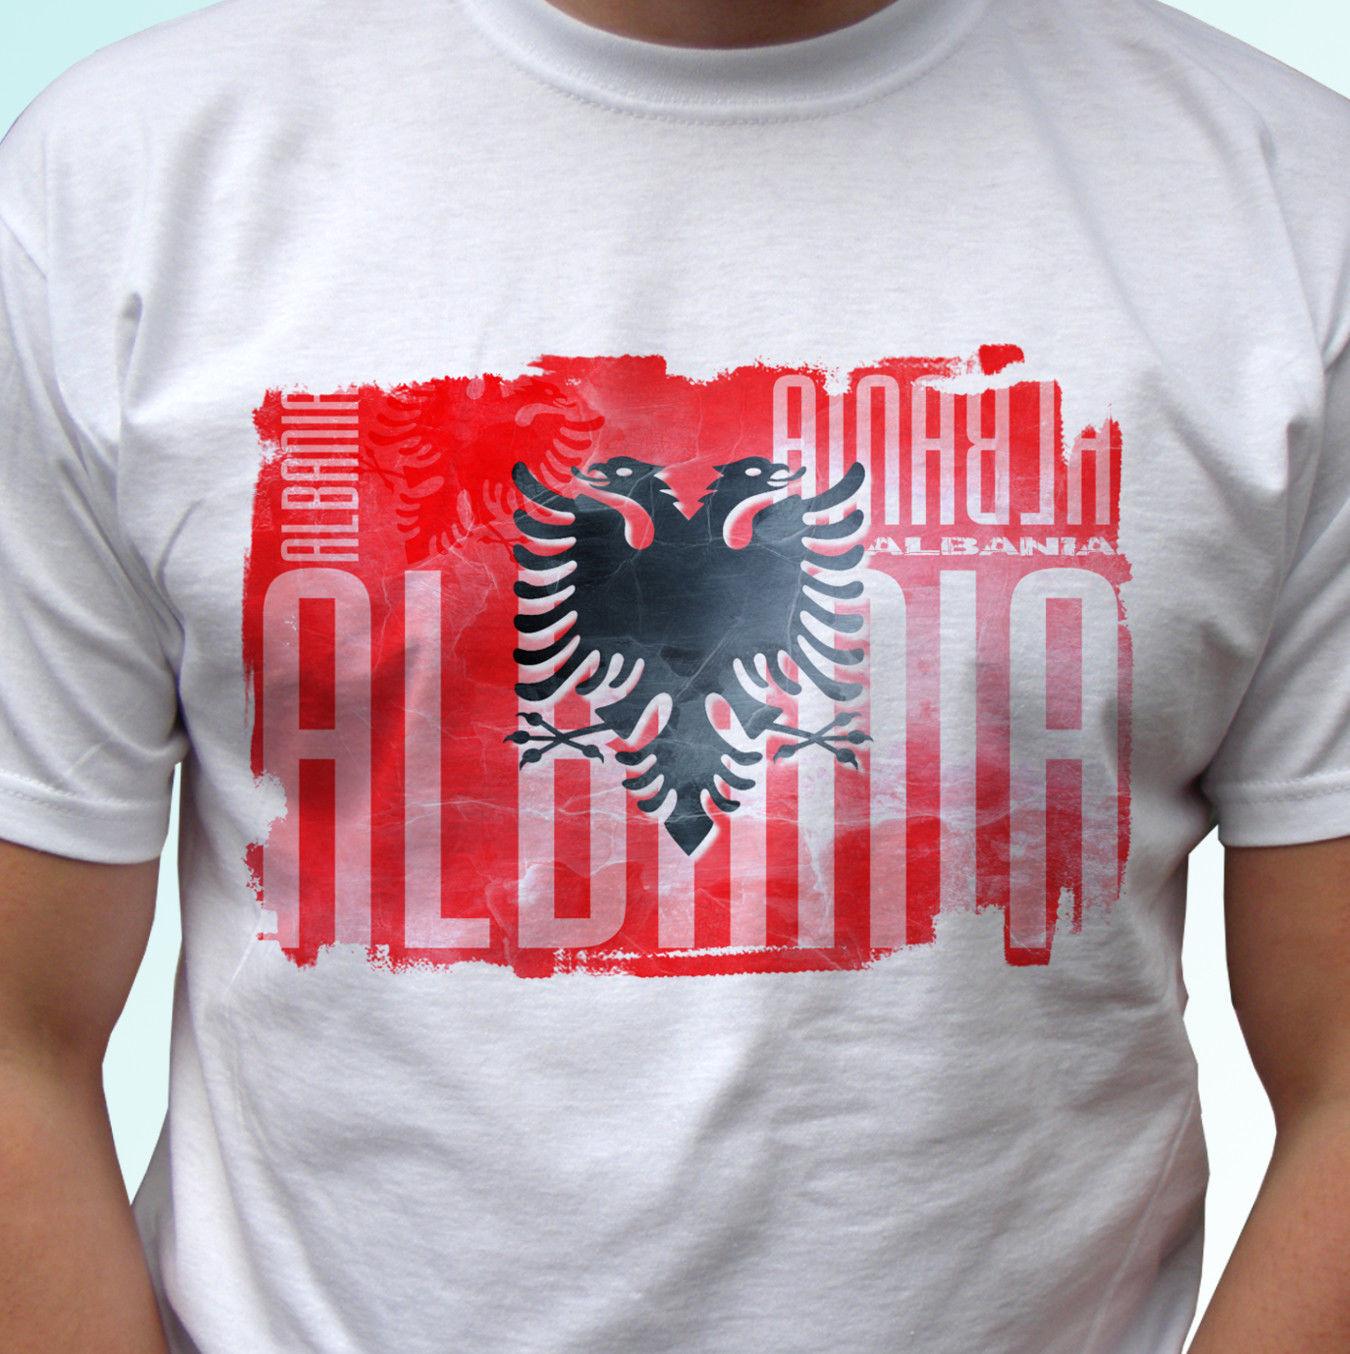 Camiseta Hombre Homme 2019 para hombres altos y grandes Bandera de Albania diseño blanco camiseta Top moderna camiseta